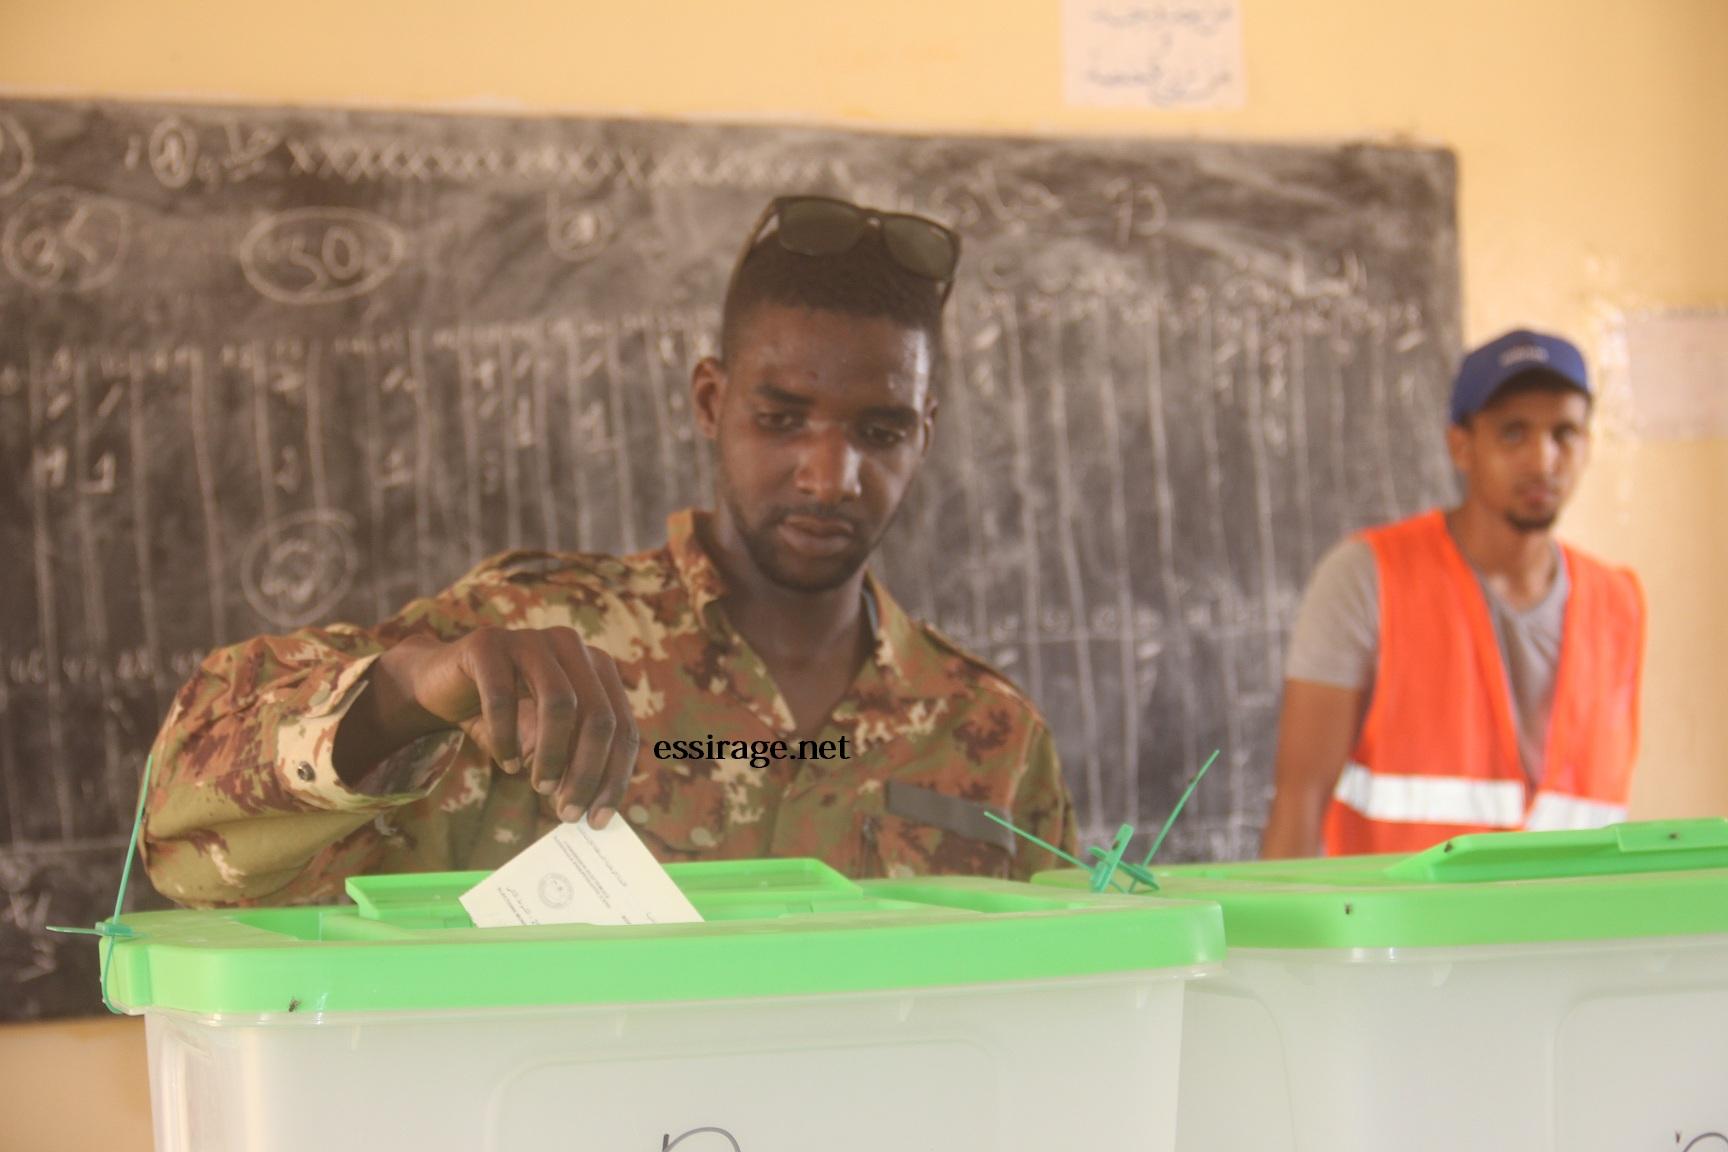 أحد العسكريين يدلي بصوته في مدرس (آمورات) صباح اليوم